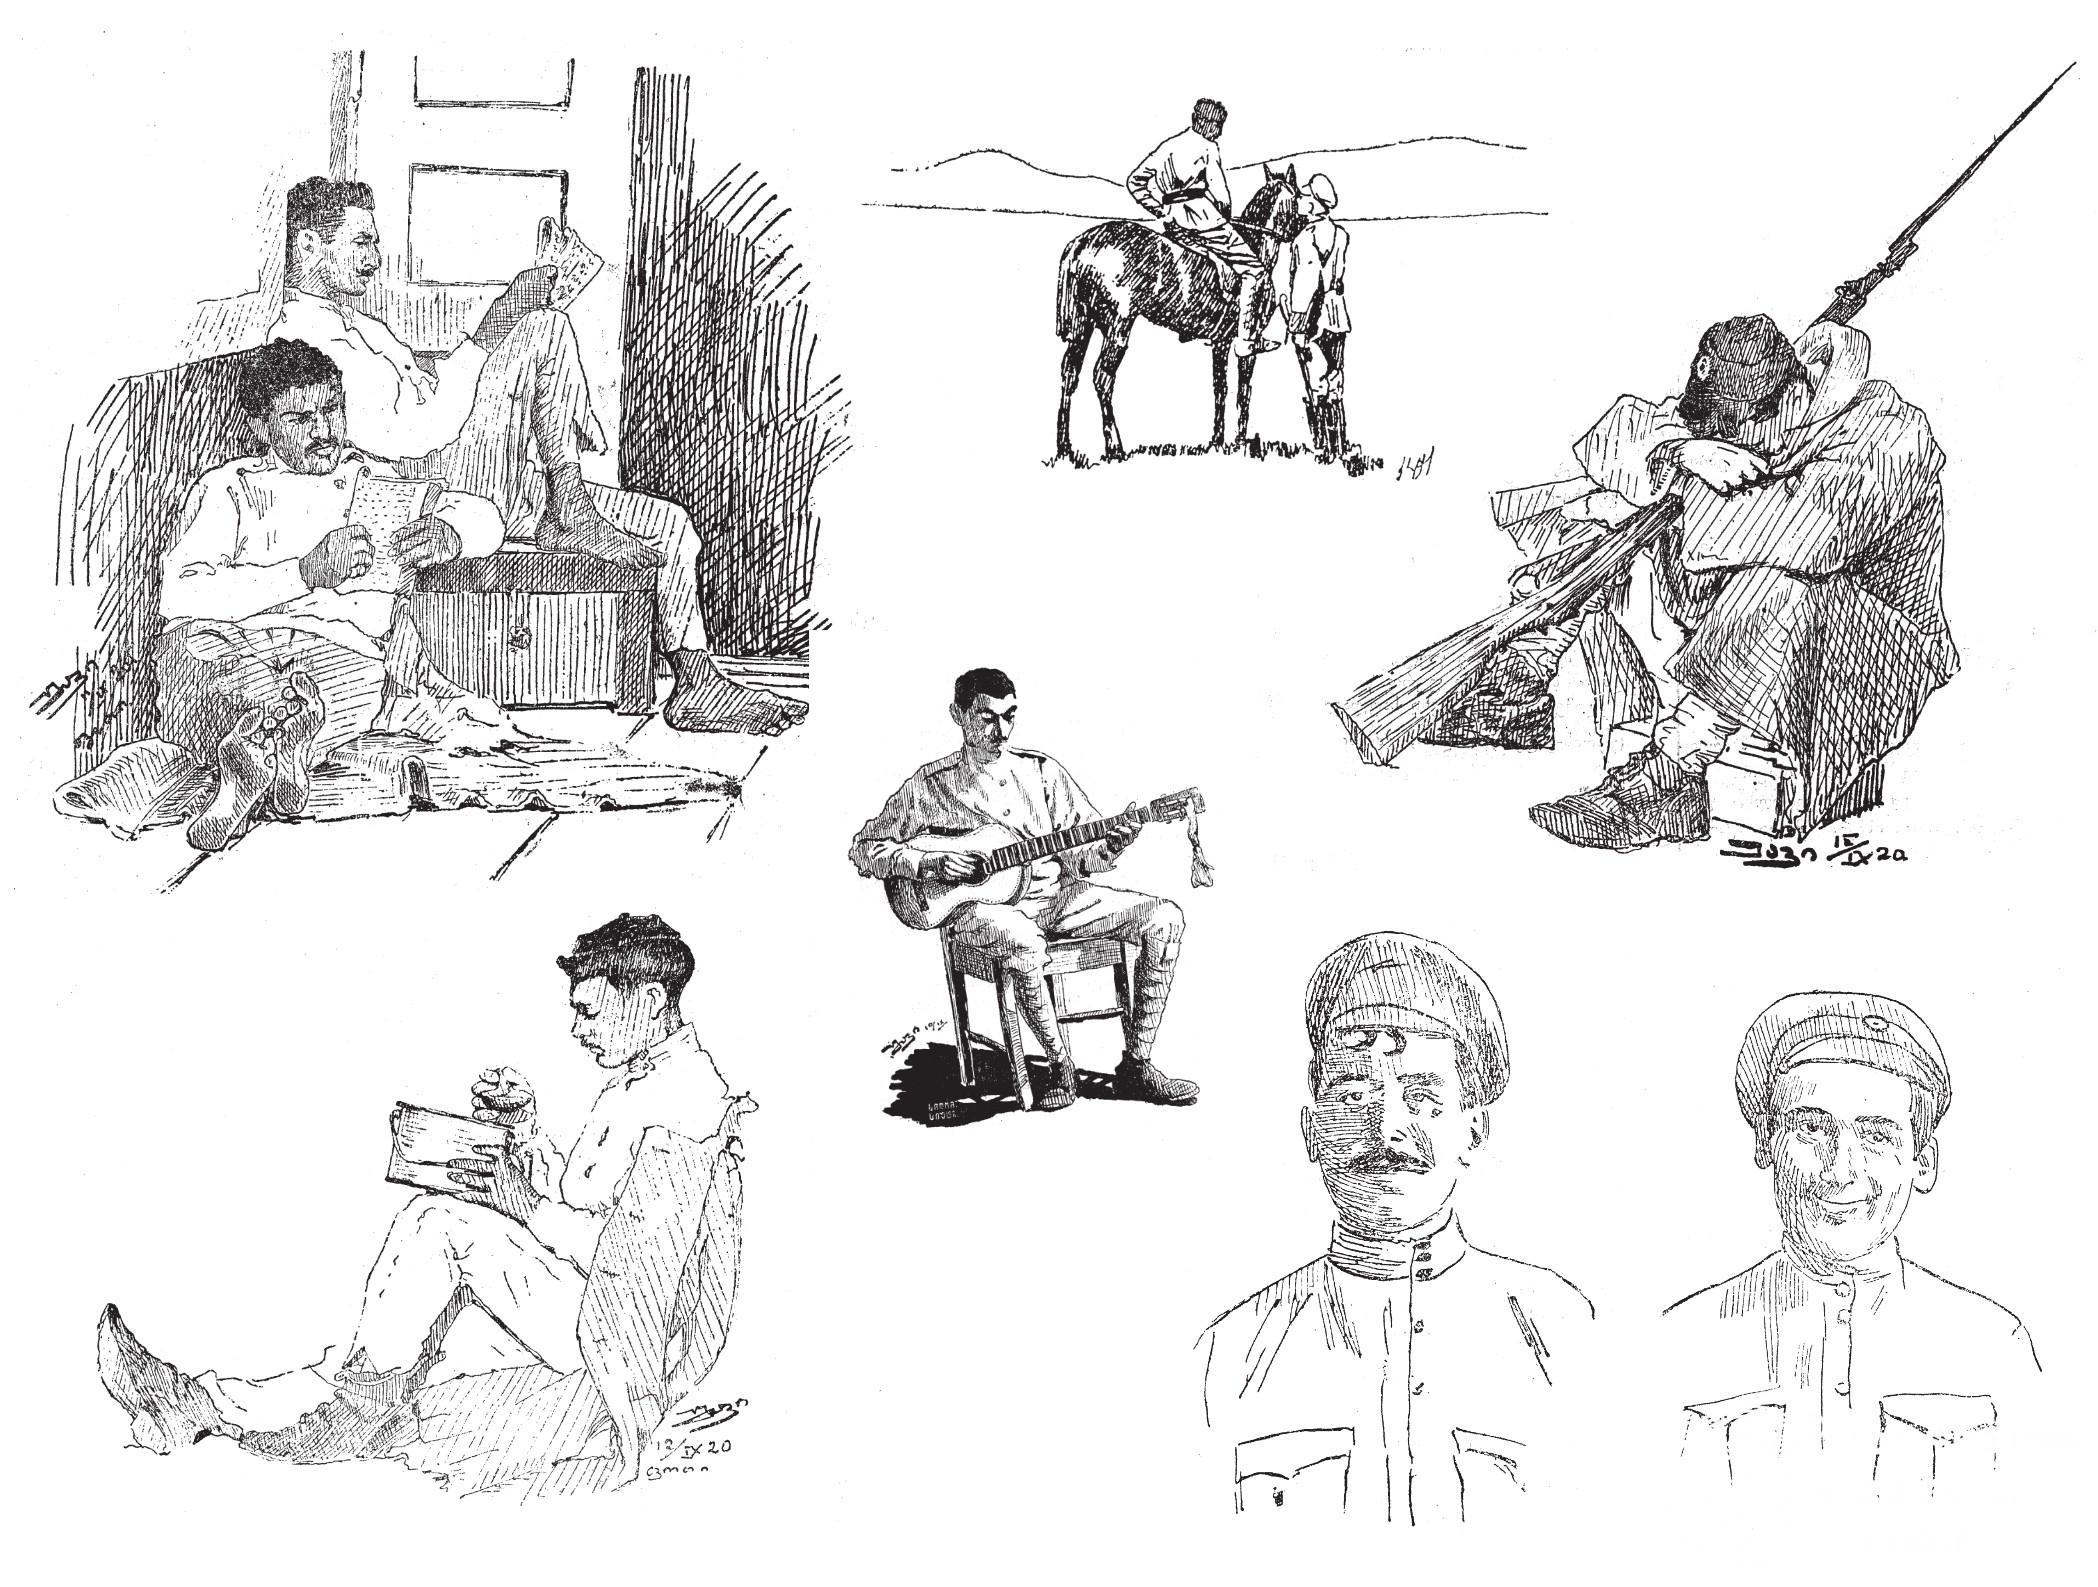 ქართველი ჯარისკაცების ცხოვრების ამსახველი ეპიზოდები 1918-1921 წლების პერიოდული გამოცემების მიხედვით. <br> Episodes depicting the lives of Georgian soldiers according to periodicals of 1918-1921